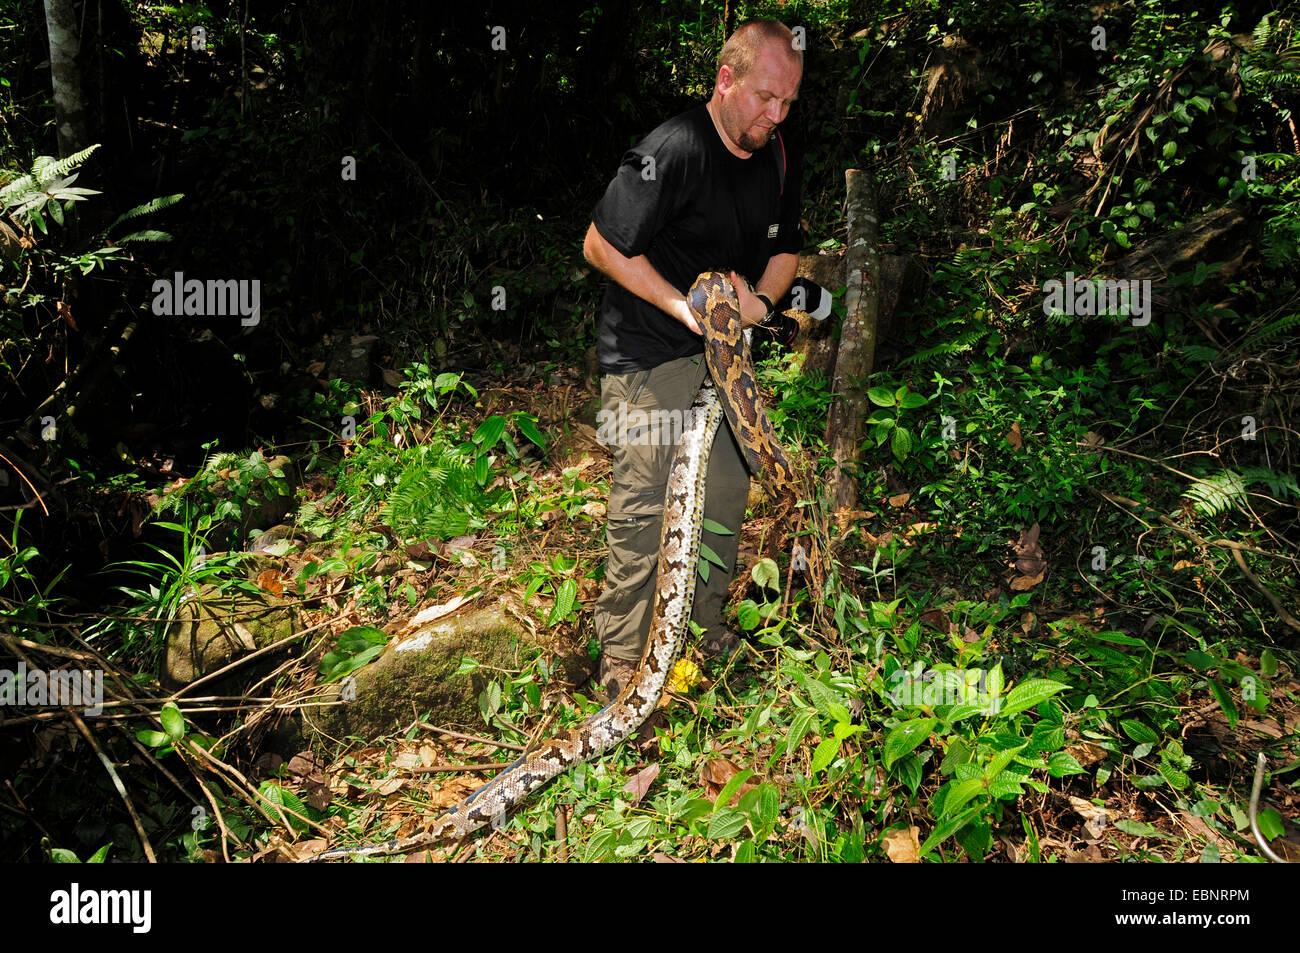 Pitón birmana, Indian python (Python molurus), la captura de un hombre adulto pitón birmana, Sri Lanka, Sinharaja Foto de stock